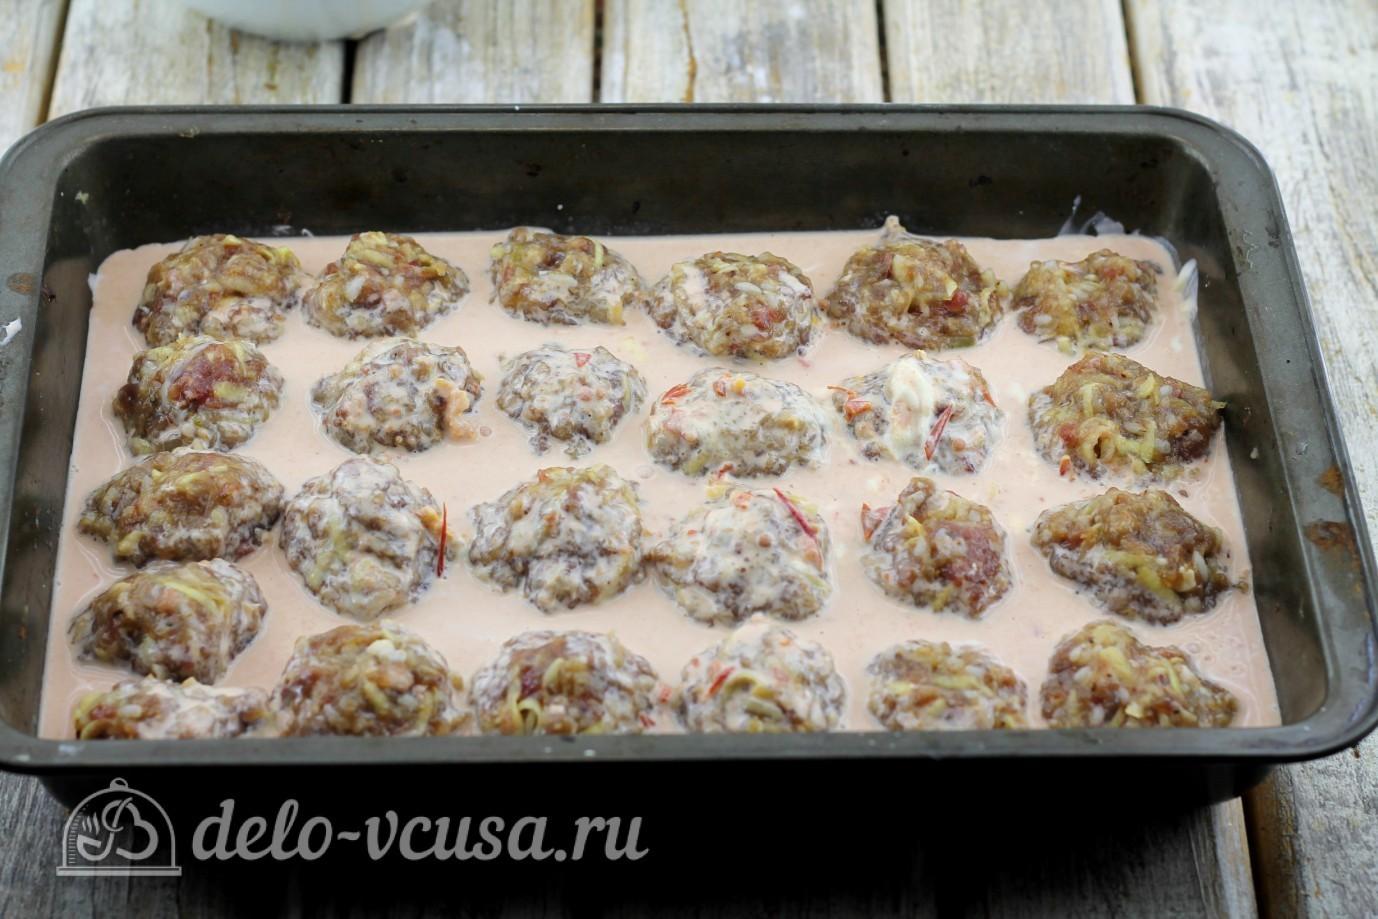 Тефтели с рисом в духовке: Тефтели залить соусом